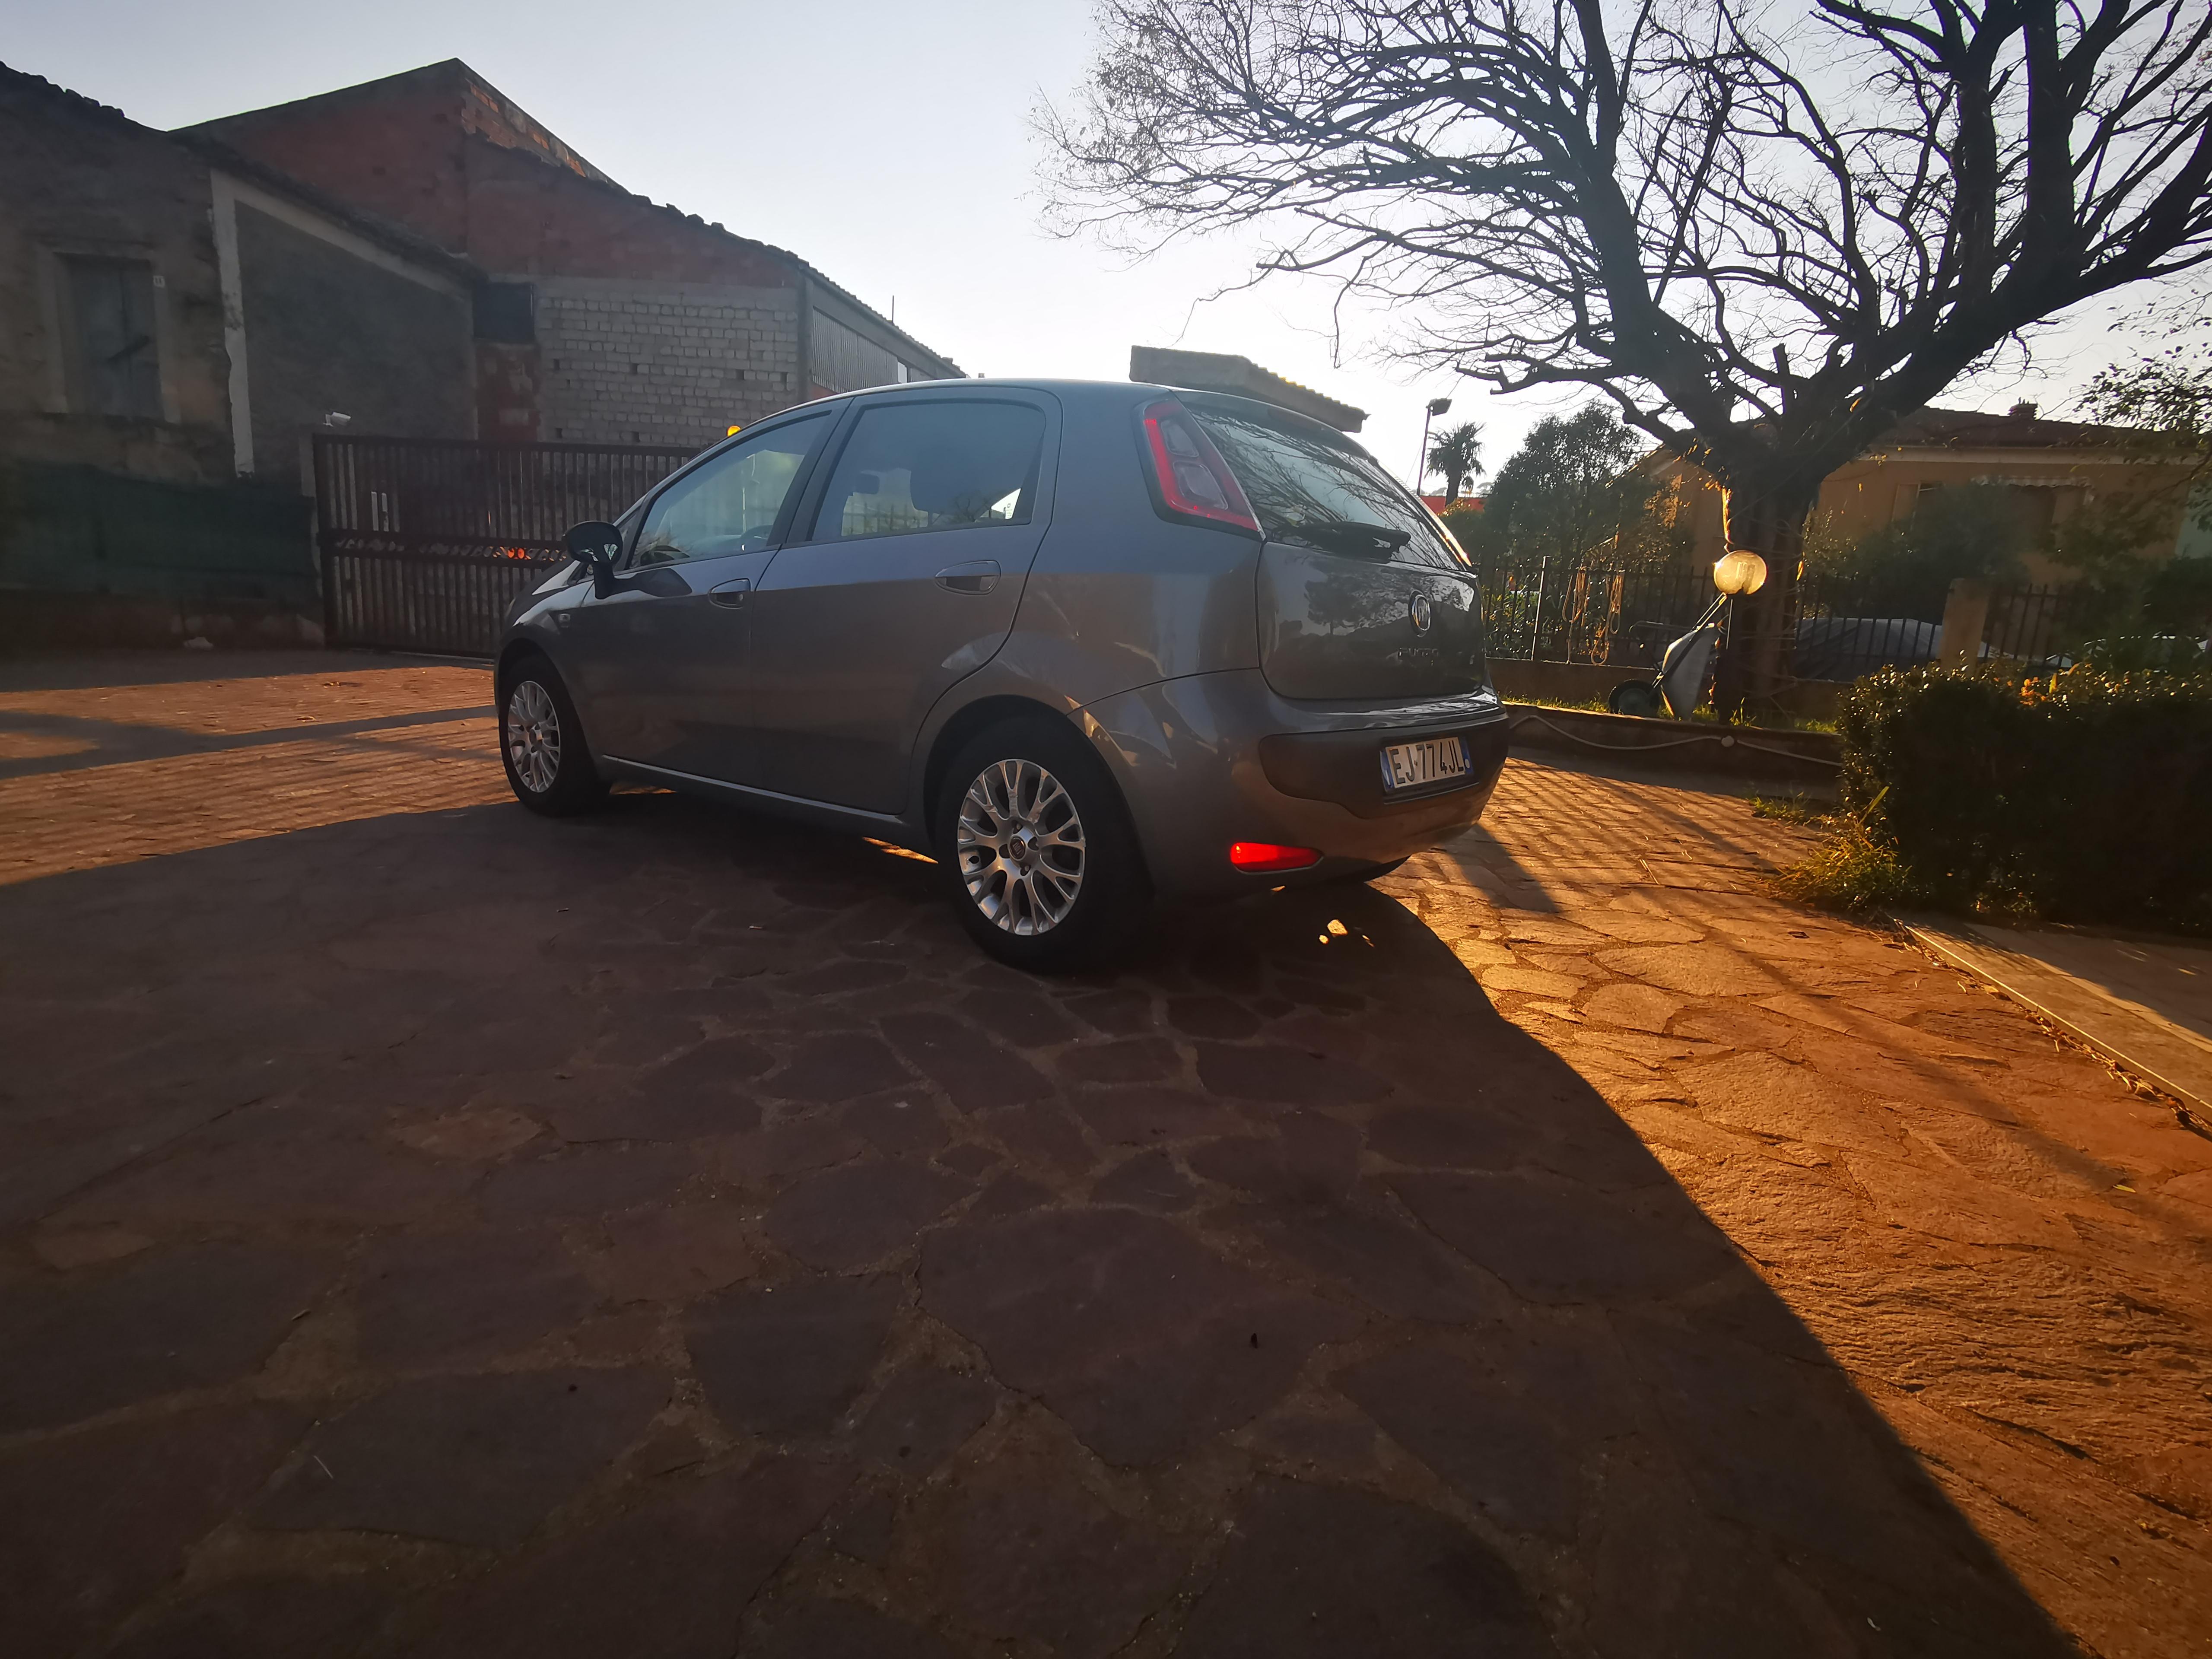 Fiat Punto Evo 1.3 Mjt 85 cv S&s Dynanic 5p